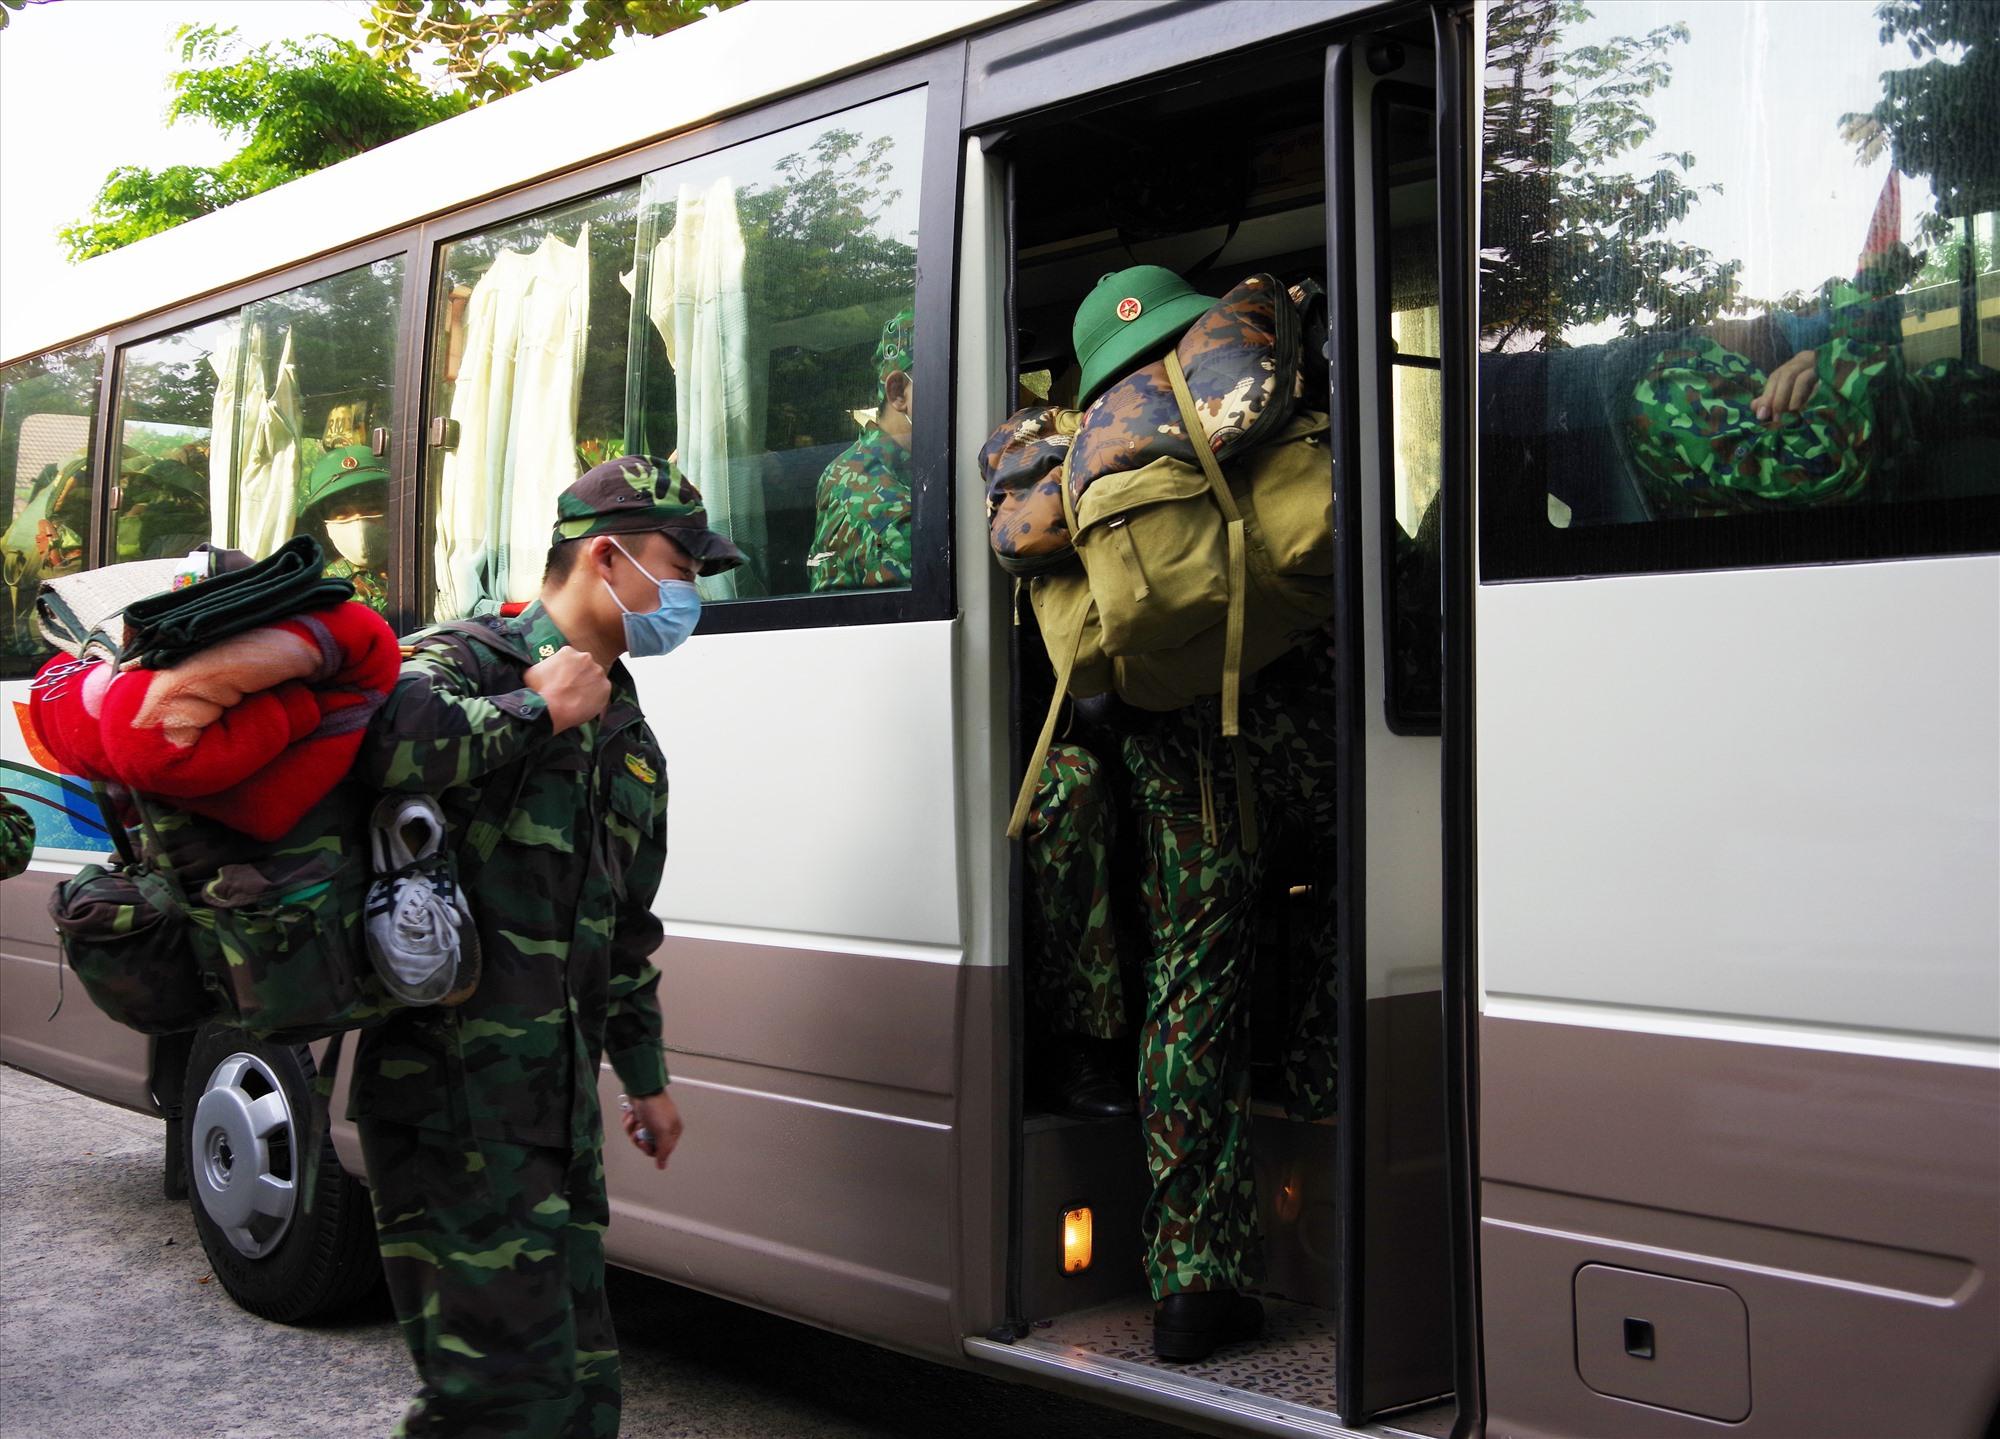 30 cán bộ biên phòng lên đường tăng cường tham gia phòng chống dịch tại biên giới Việt Lào. Ảnh: HỒNG ANH